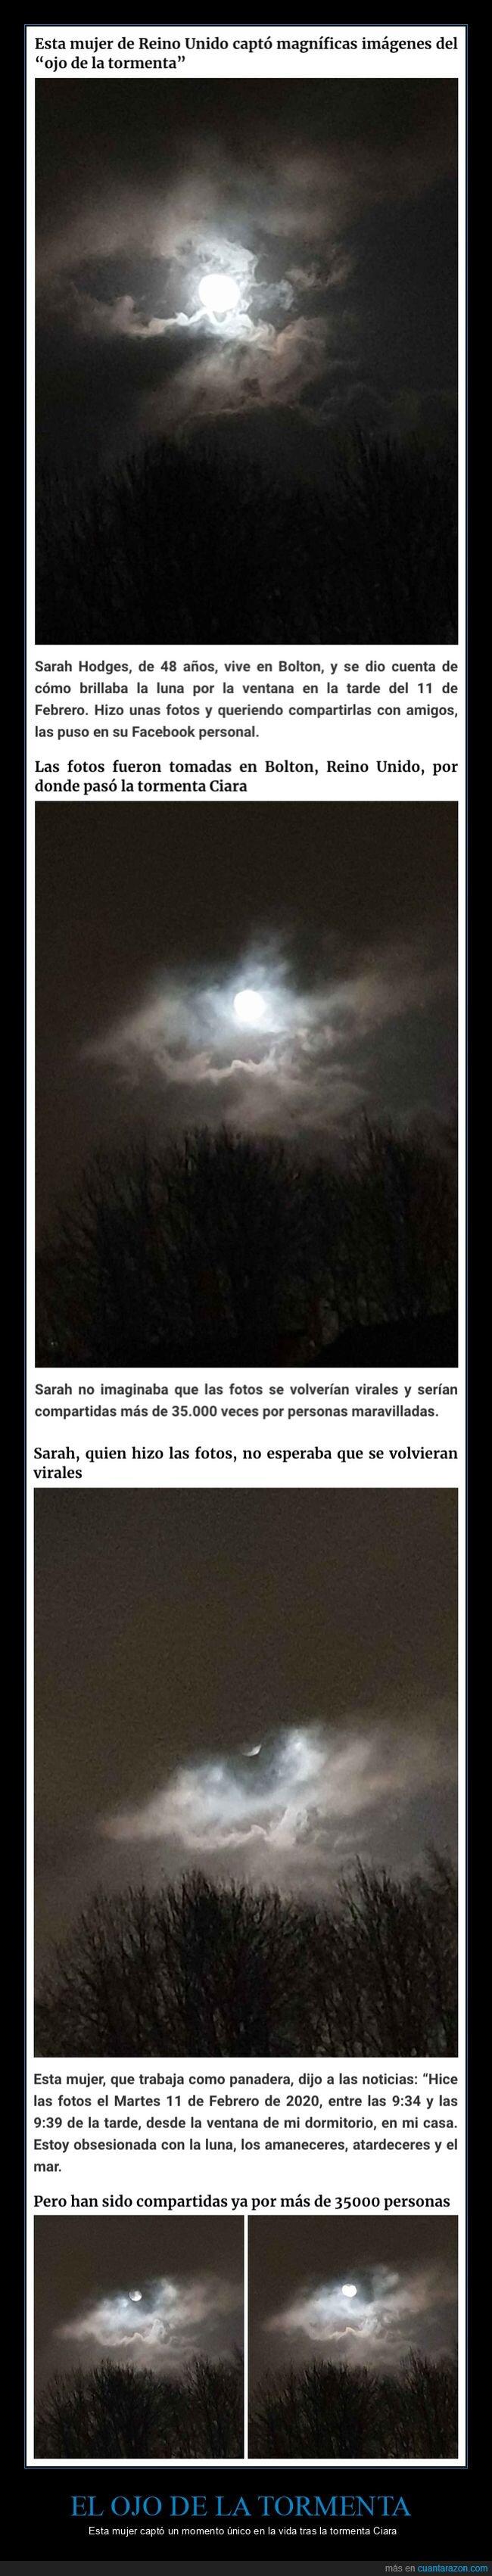 ciara,luna,ojo de la tormenta,tormenta